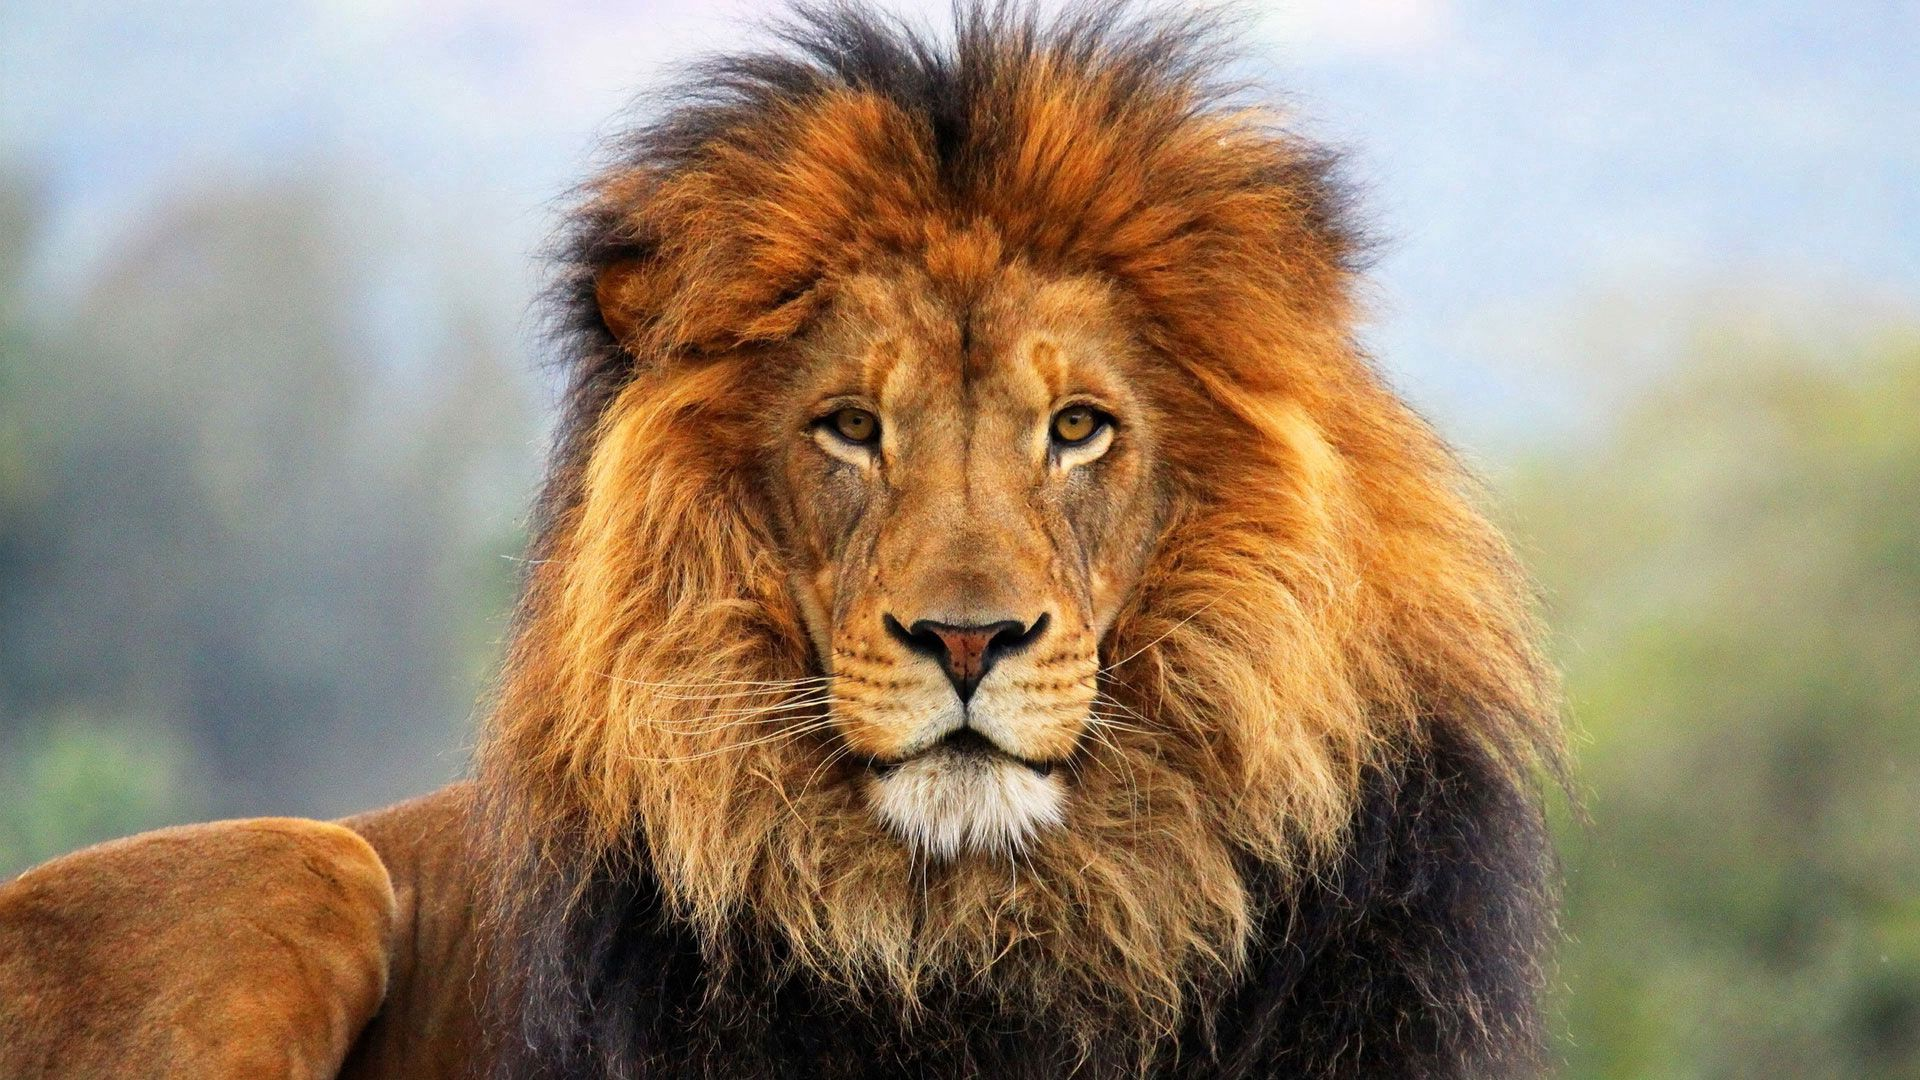 106478 descargar fondo de pantalla Animales, Bozal, Visión, Opinión, Un Leon, León, Lana, Melena: protectores de pantalla e imágenes gratis